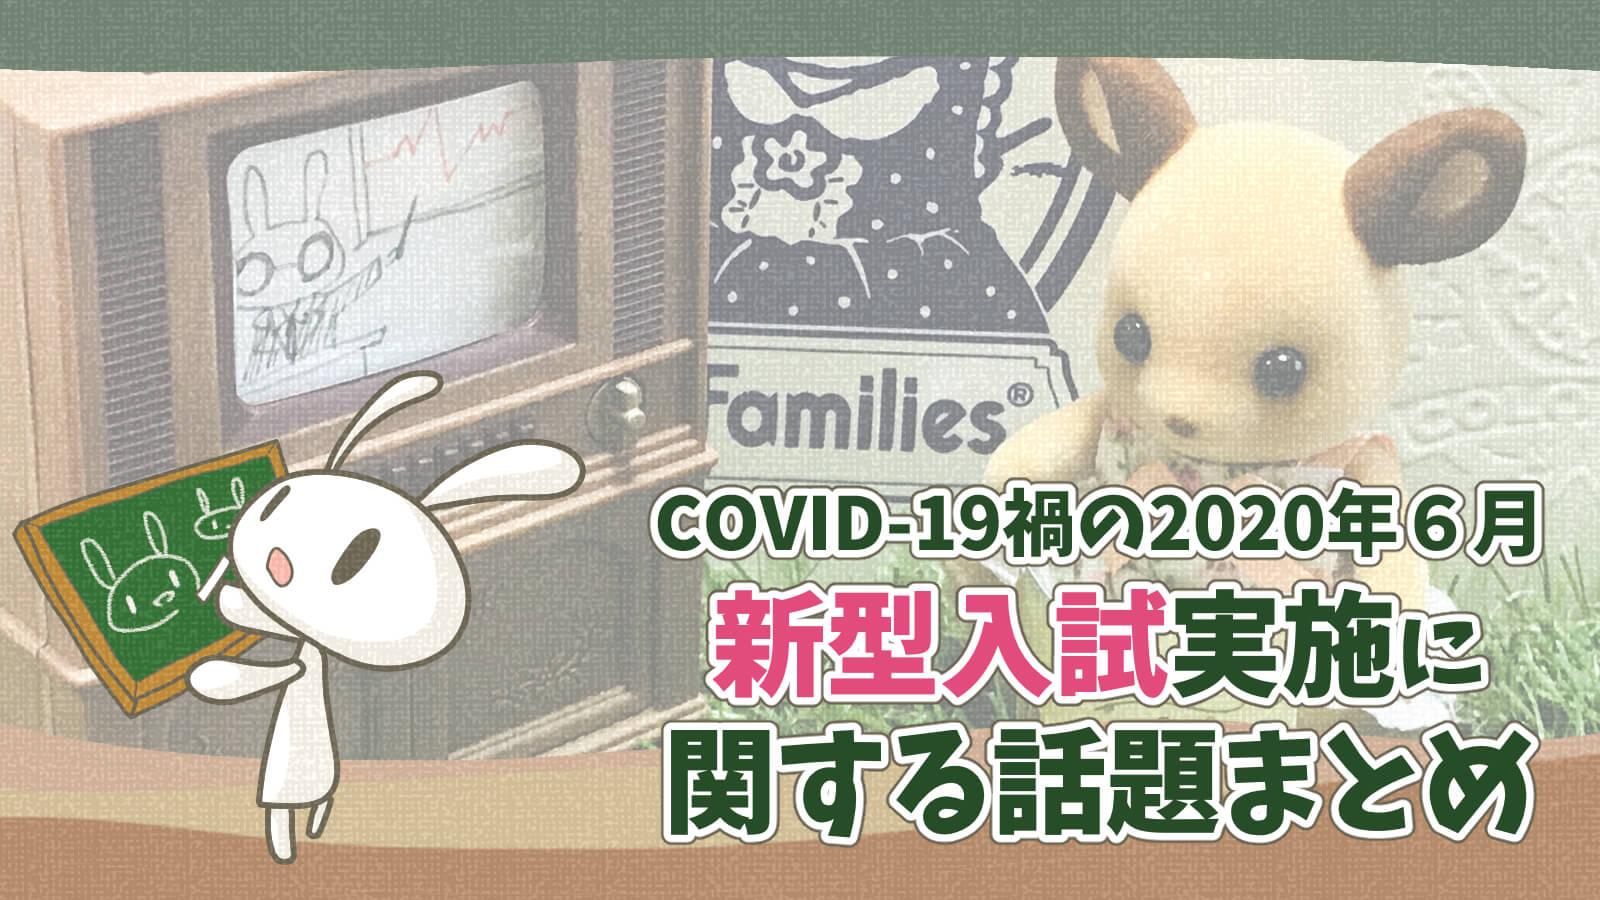 コロナ禍COVID-19禍2021年度新型入試に関する教育ニュースまとめ